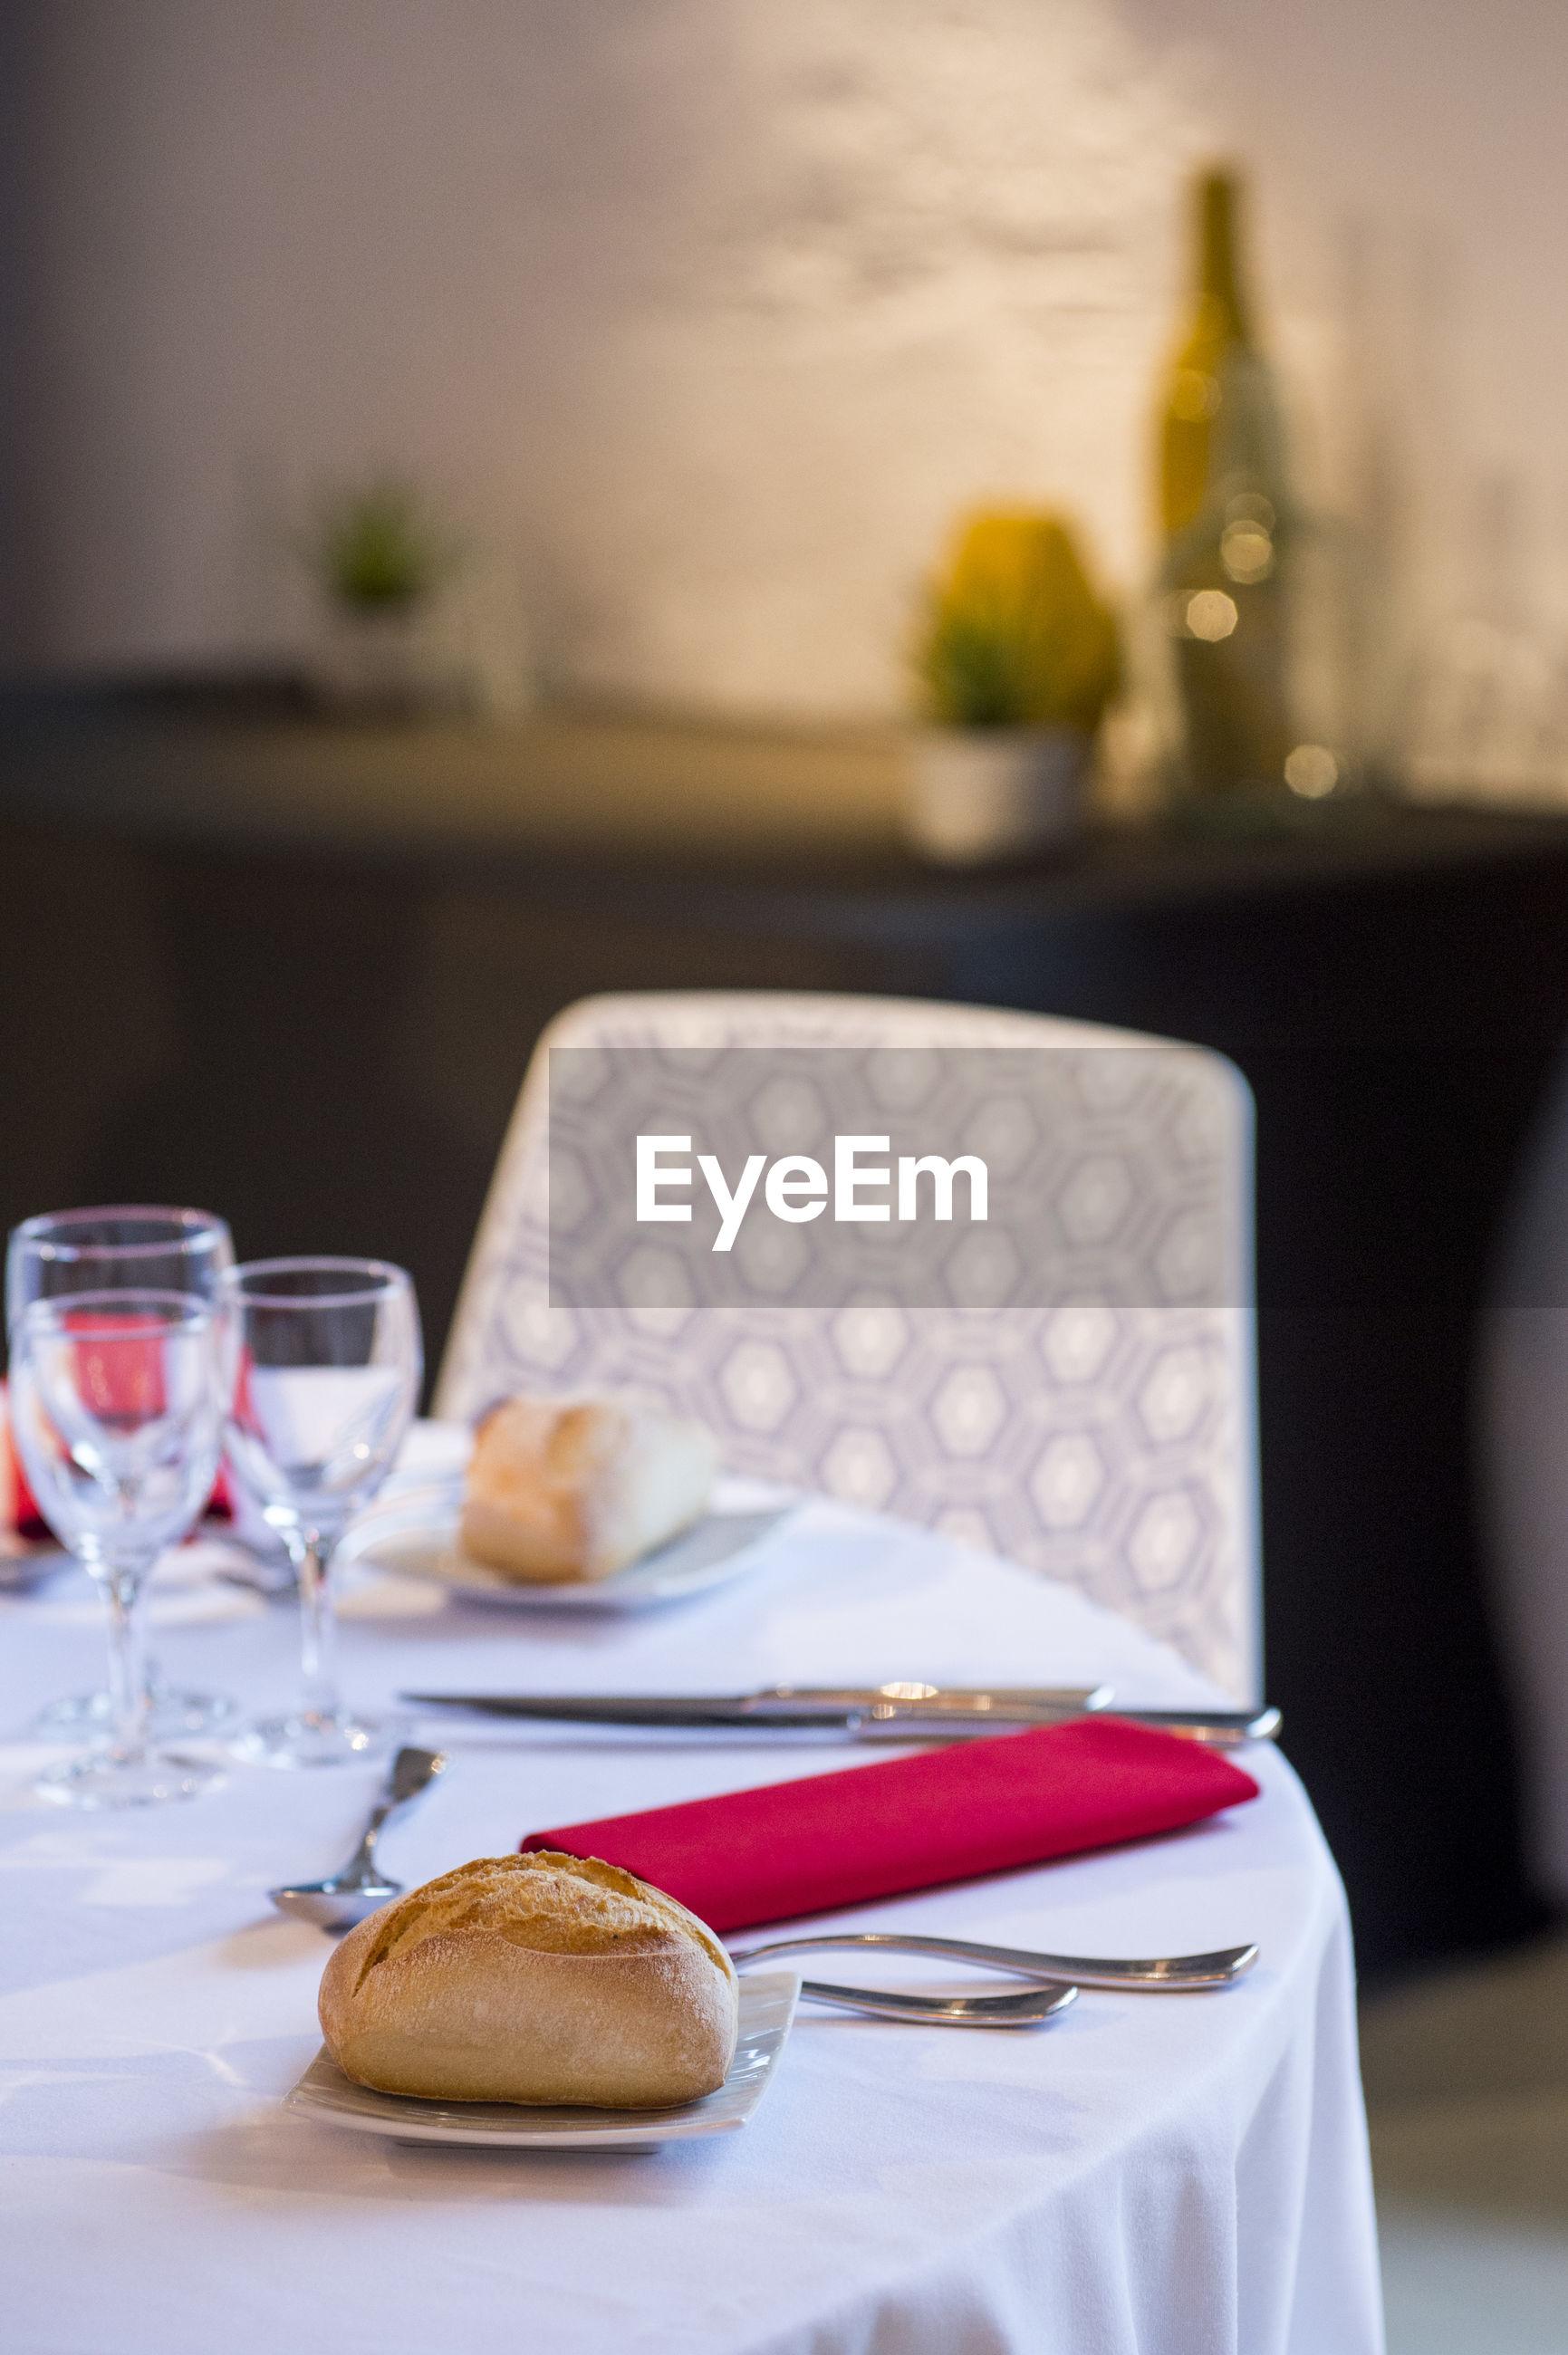 BREAKFAST ON TABLE IN PLATE